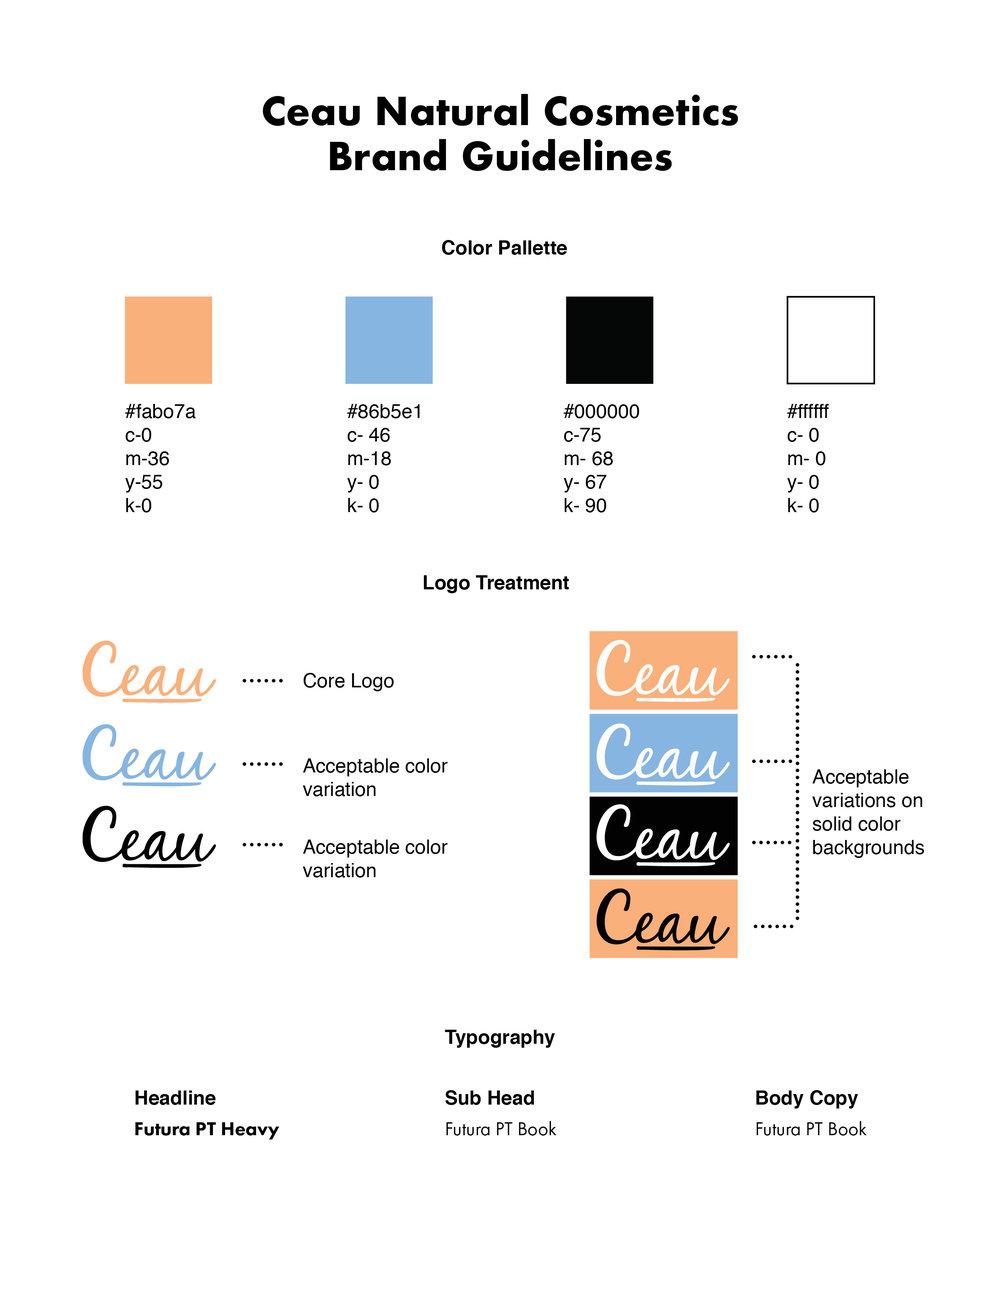 Ceau Brand Guidelines.jpg